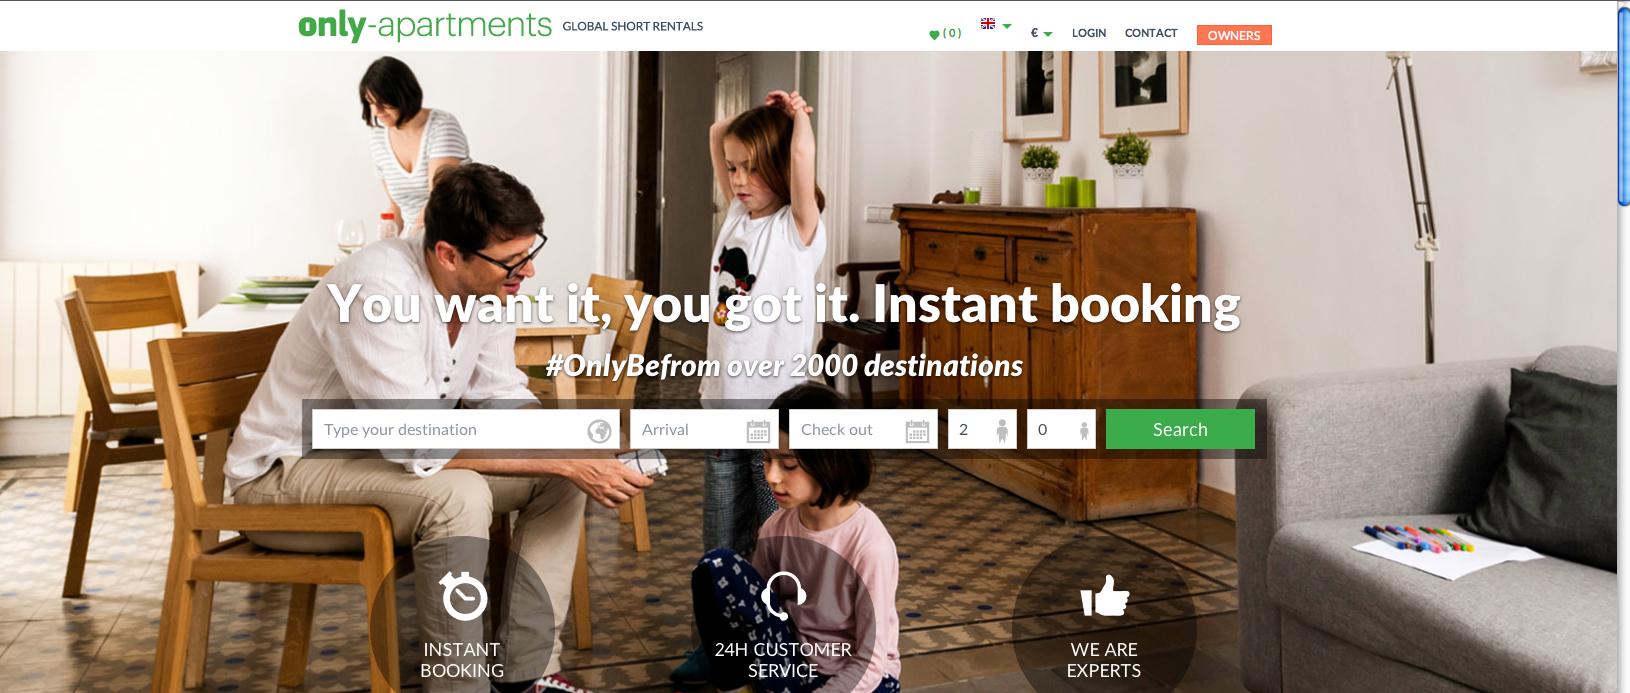 Only-apartments lancia un nuovo sito web con oltre 130mila ...